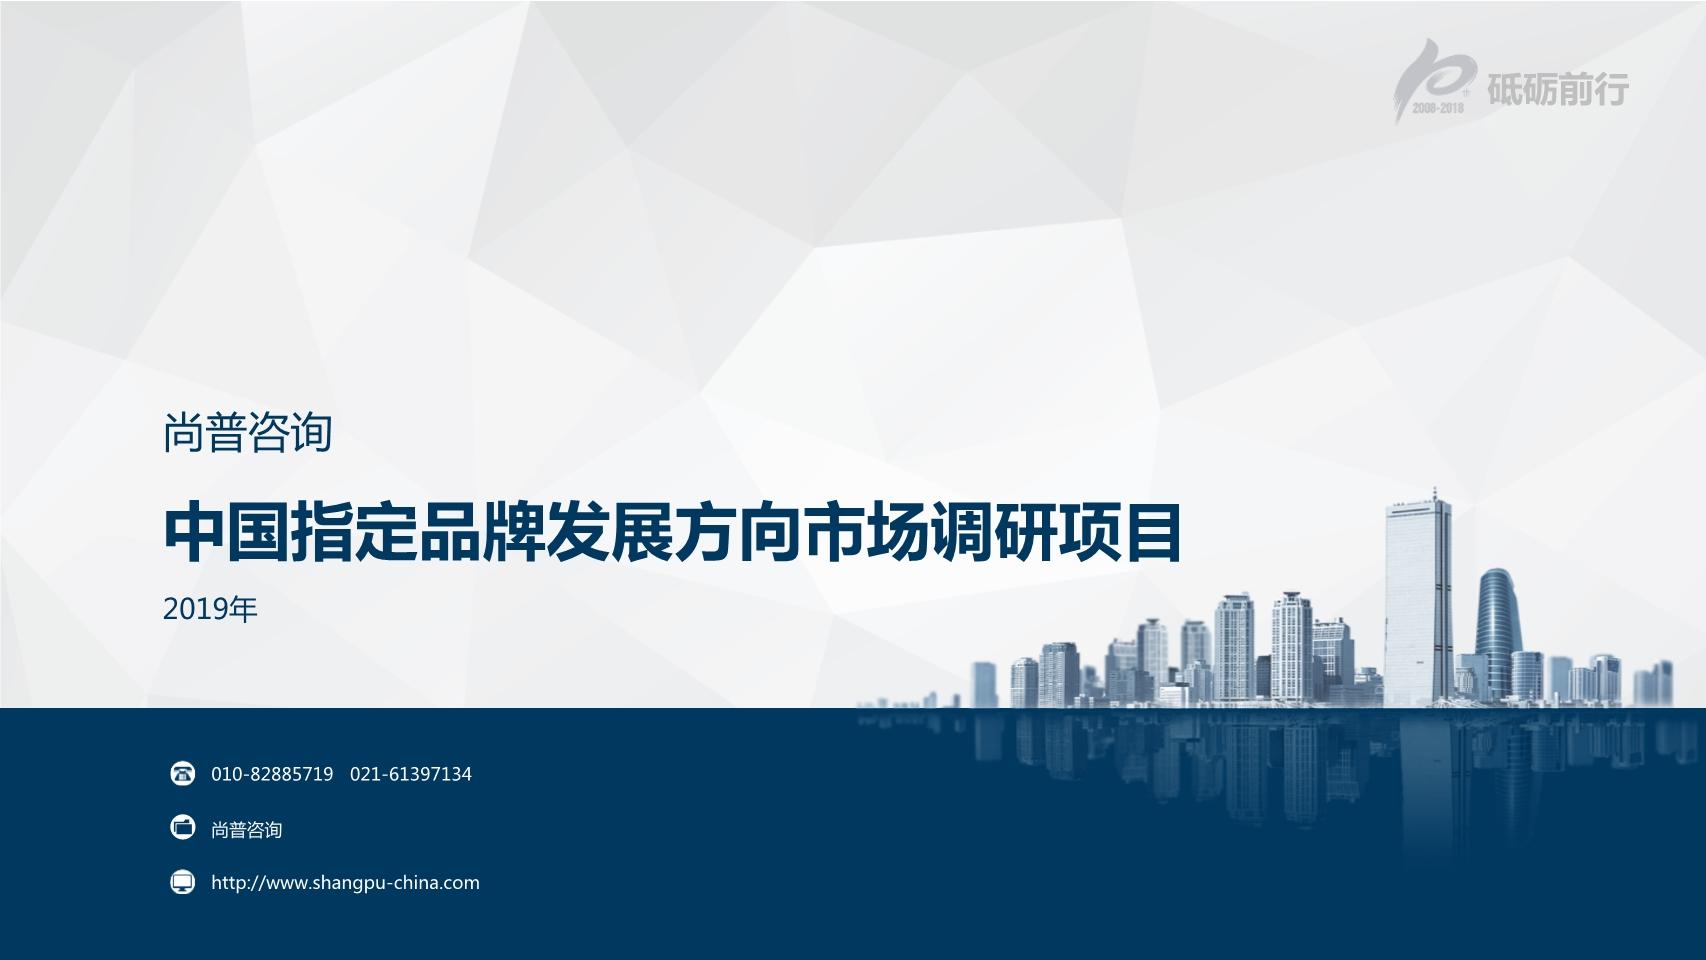 尚普咨询-中国指定品牌发展方向市场调研